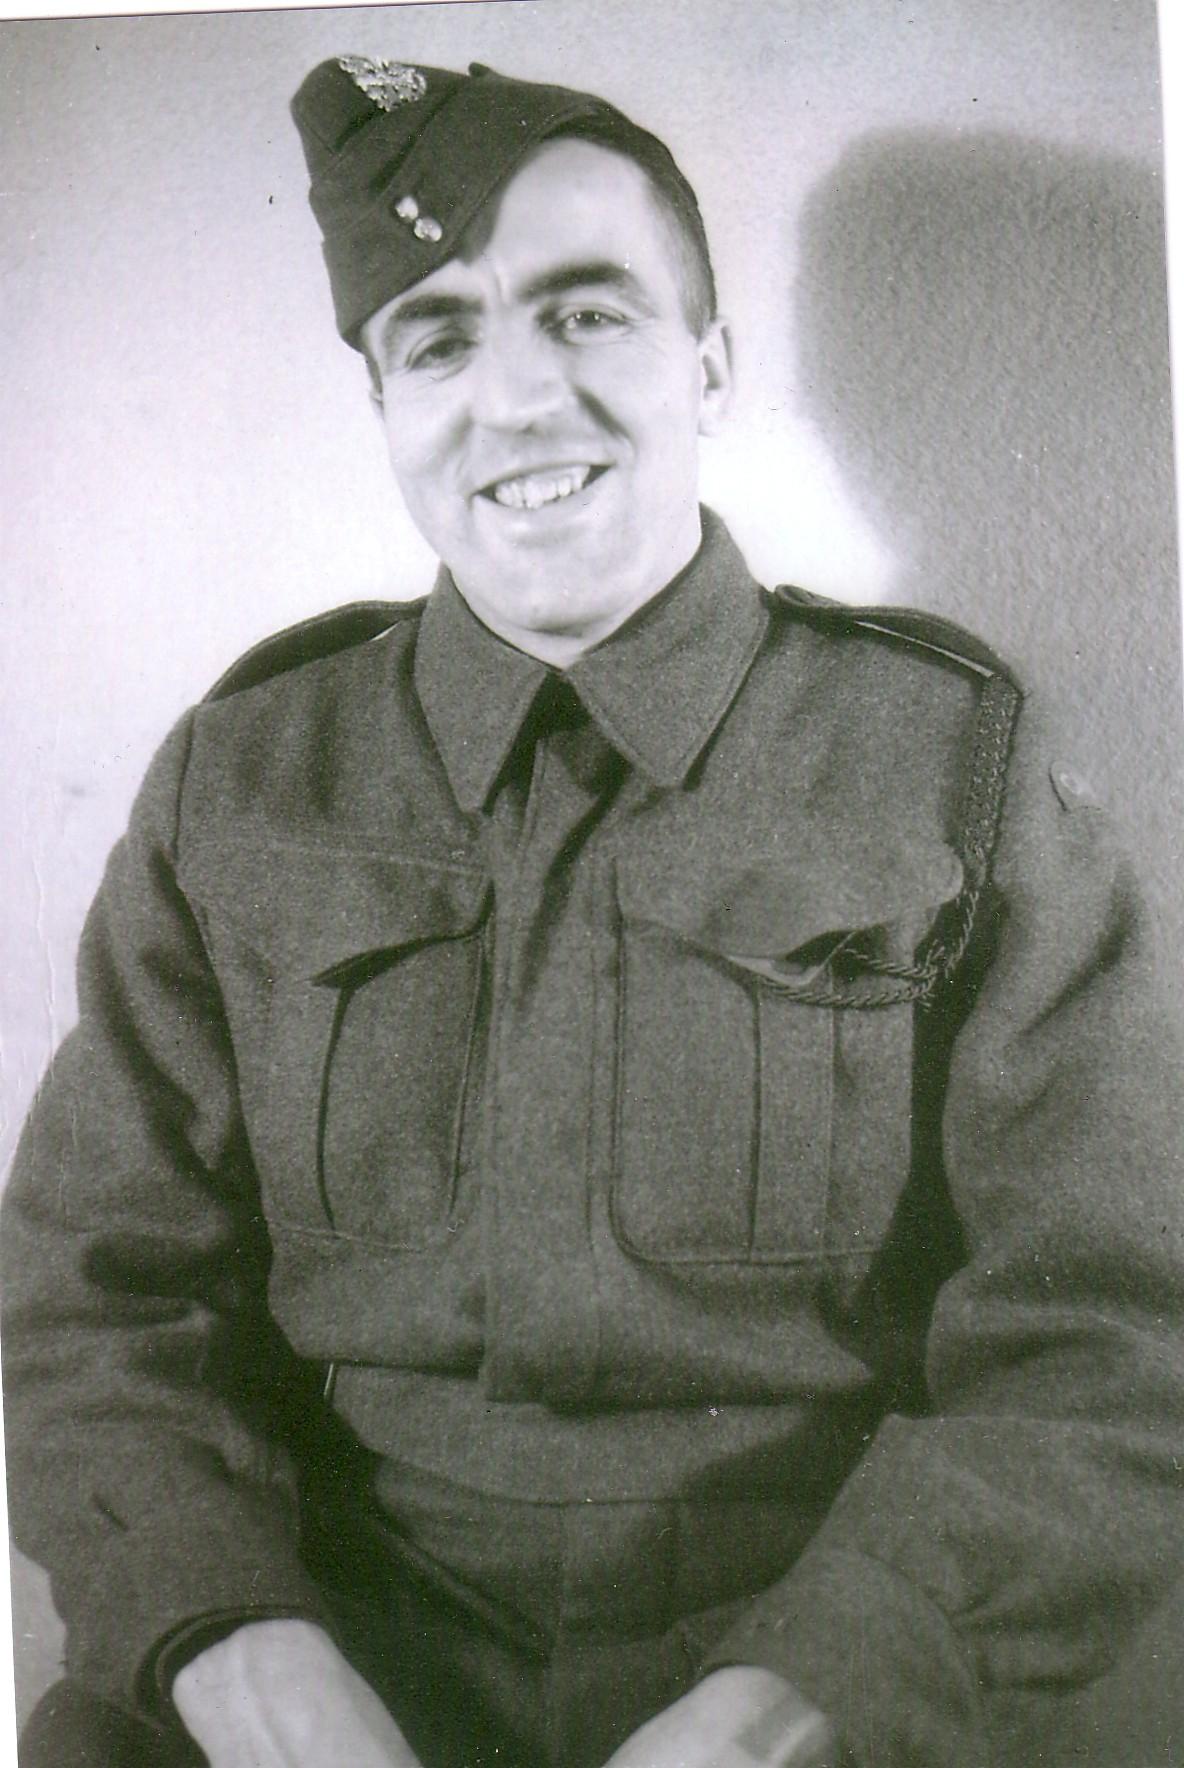 Photo of Edward Burrows Hansley